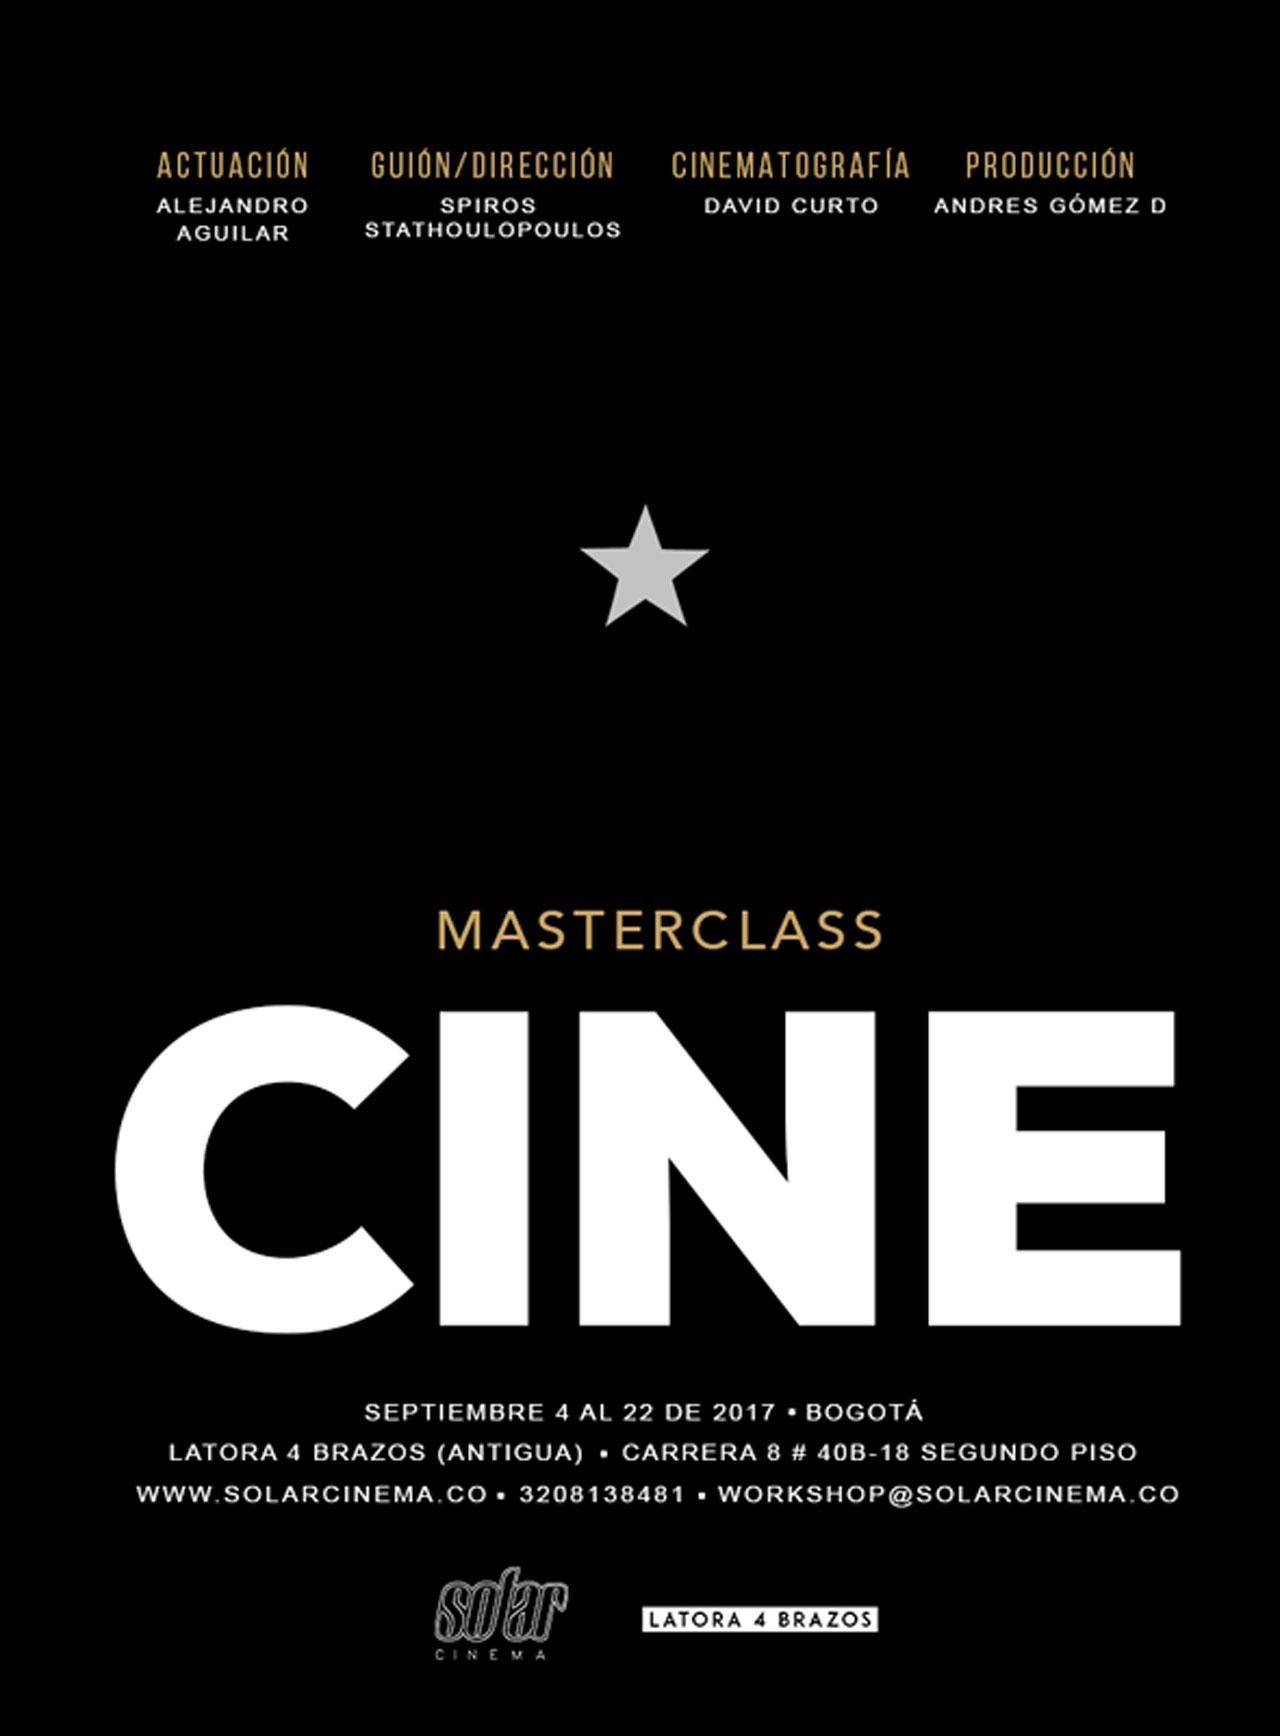 cine-flyer_1.jpg